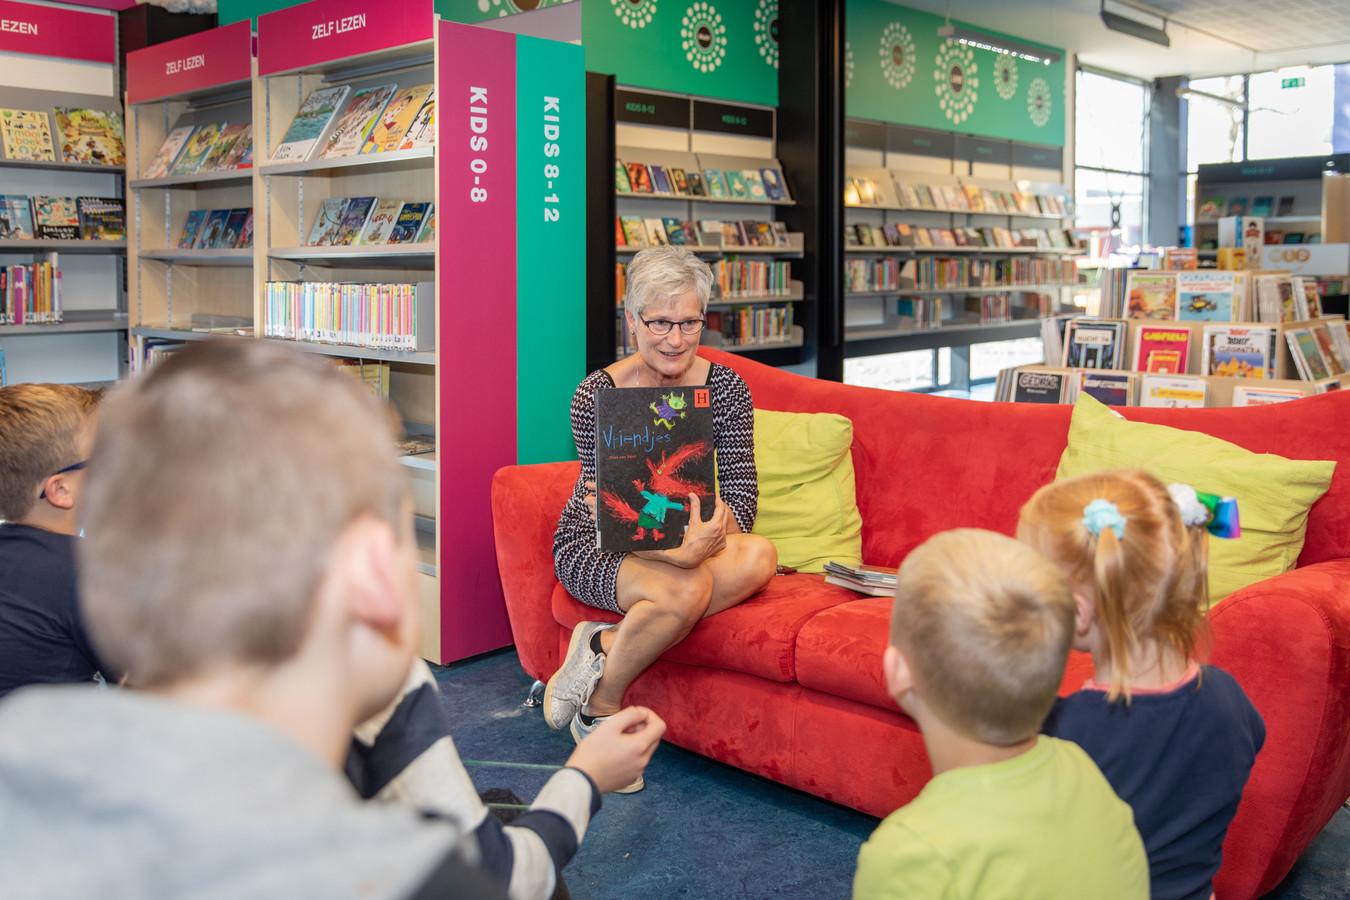 Directeur Jannie van Vugt van Bibliotheek Oosterschelde leest voor in de bieb van Heinkenszand.